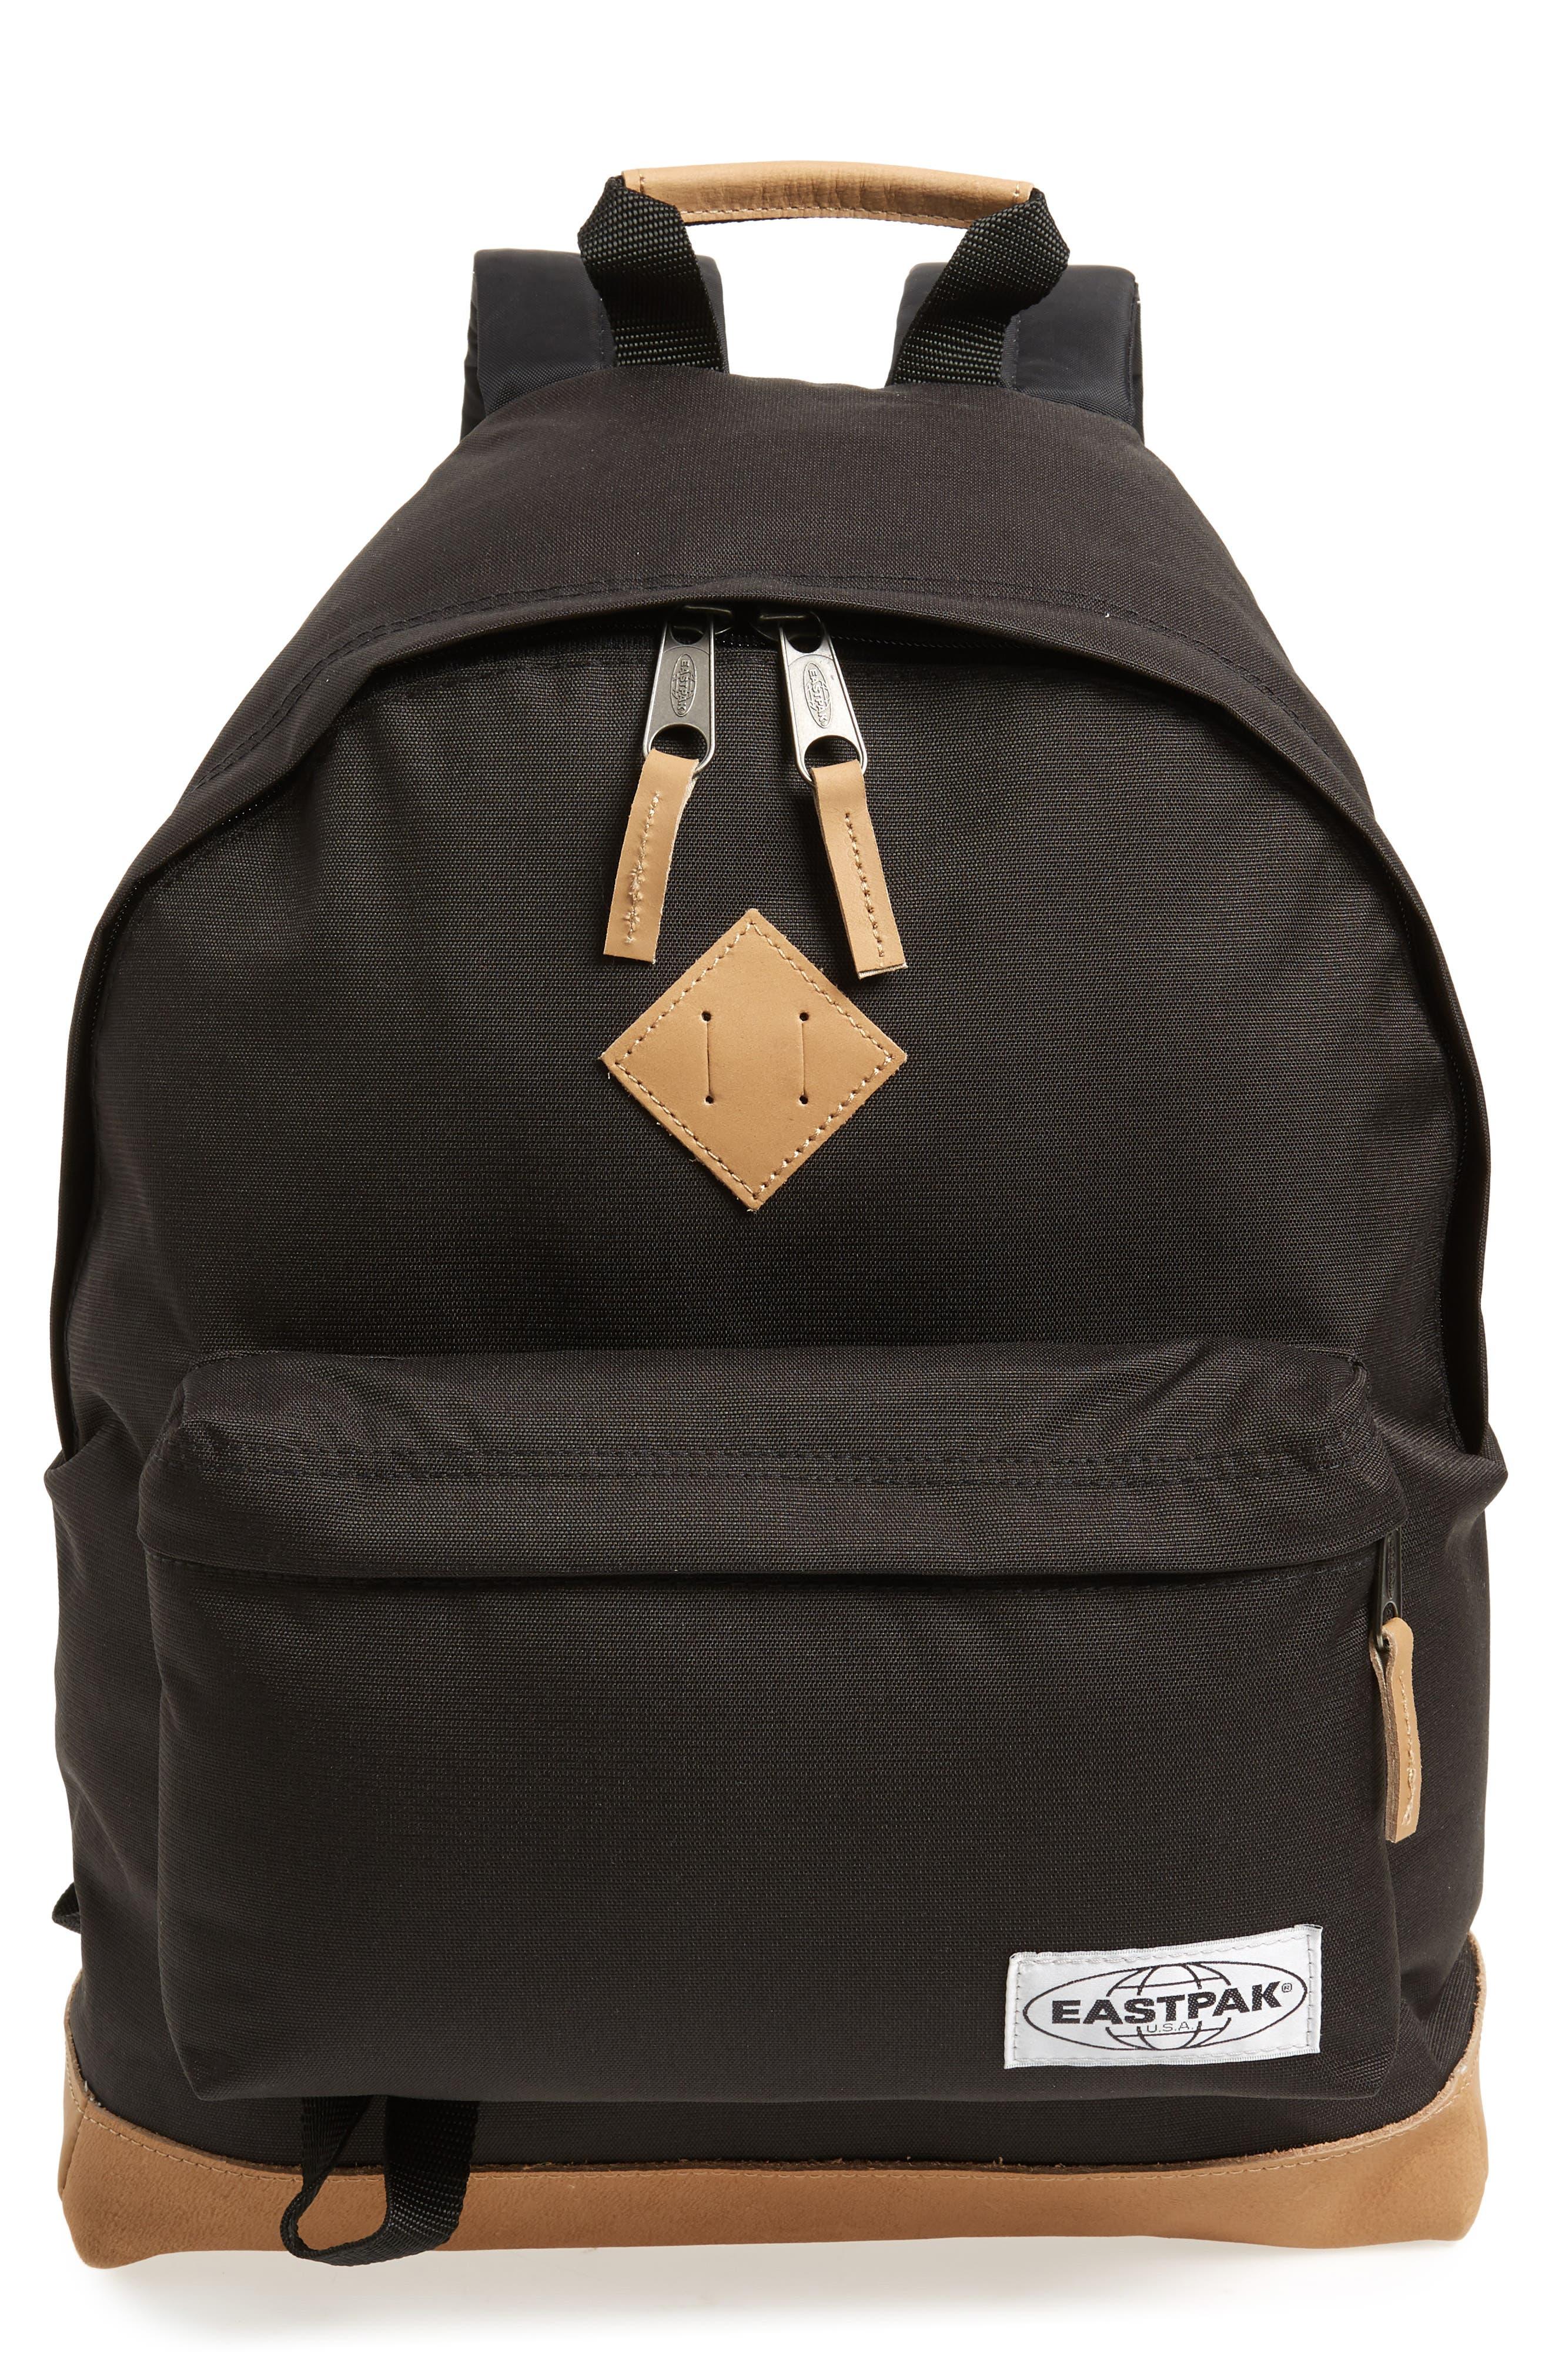 Eastpak Wyoming Backpack - Black